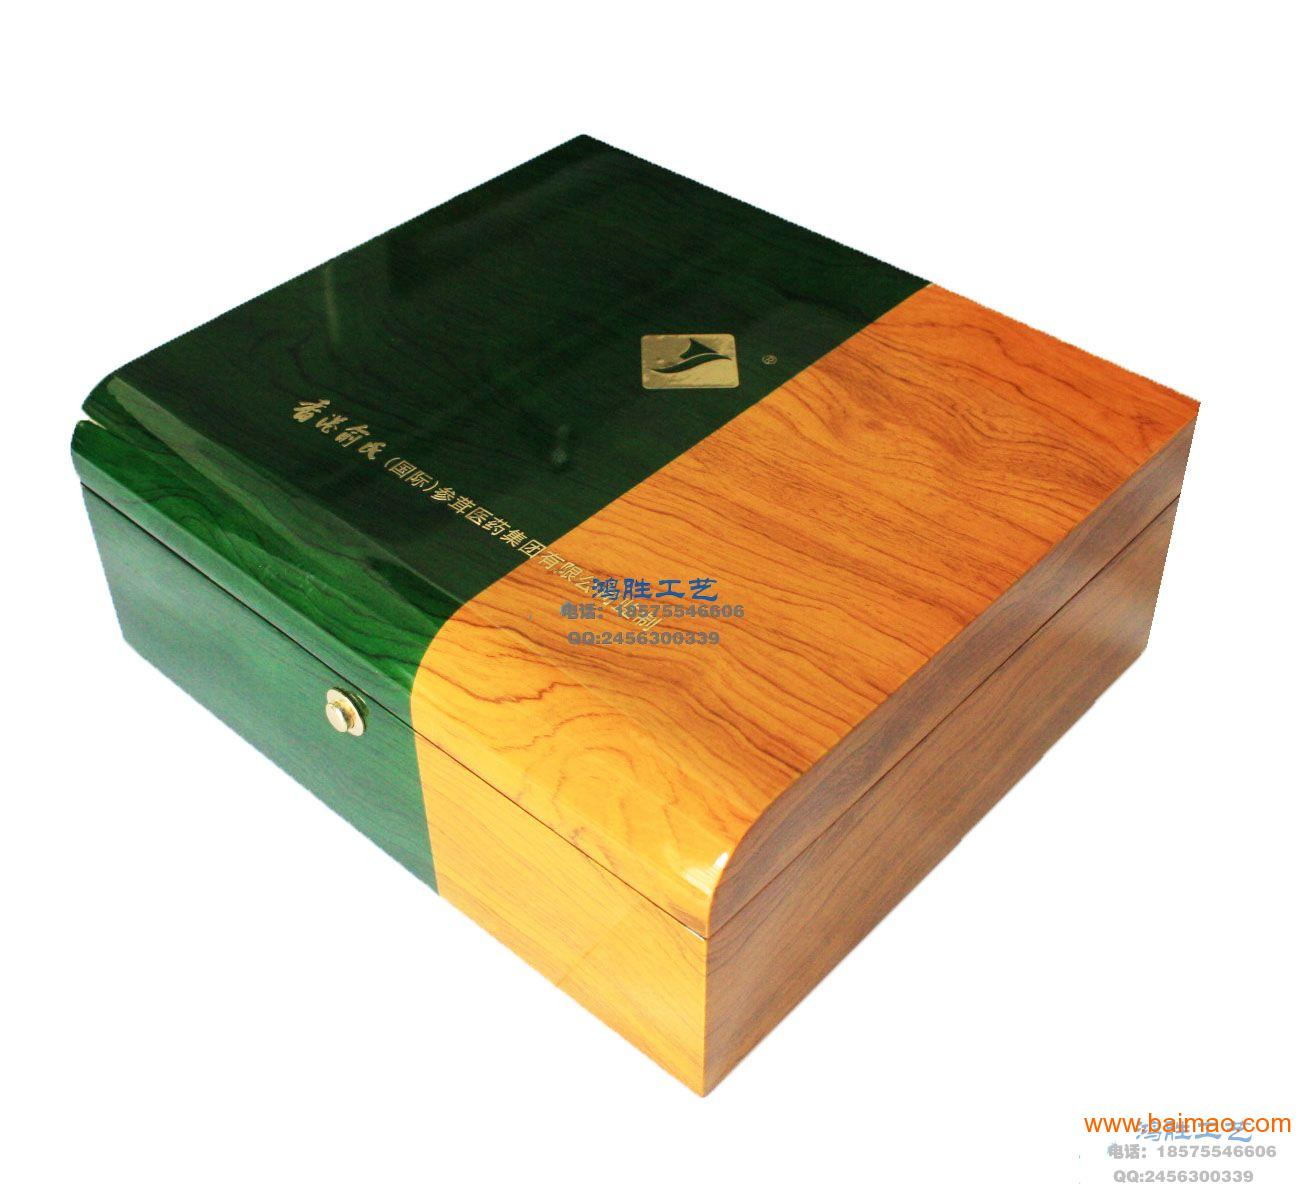 包装盒印刷-定制包装盒批发生产厂家-深圳市佳杰印刷有限责任公司